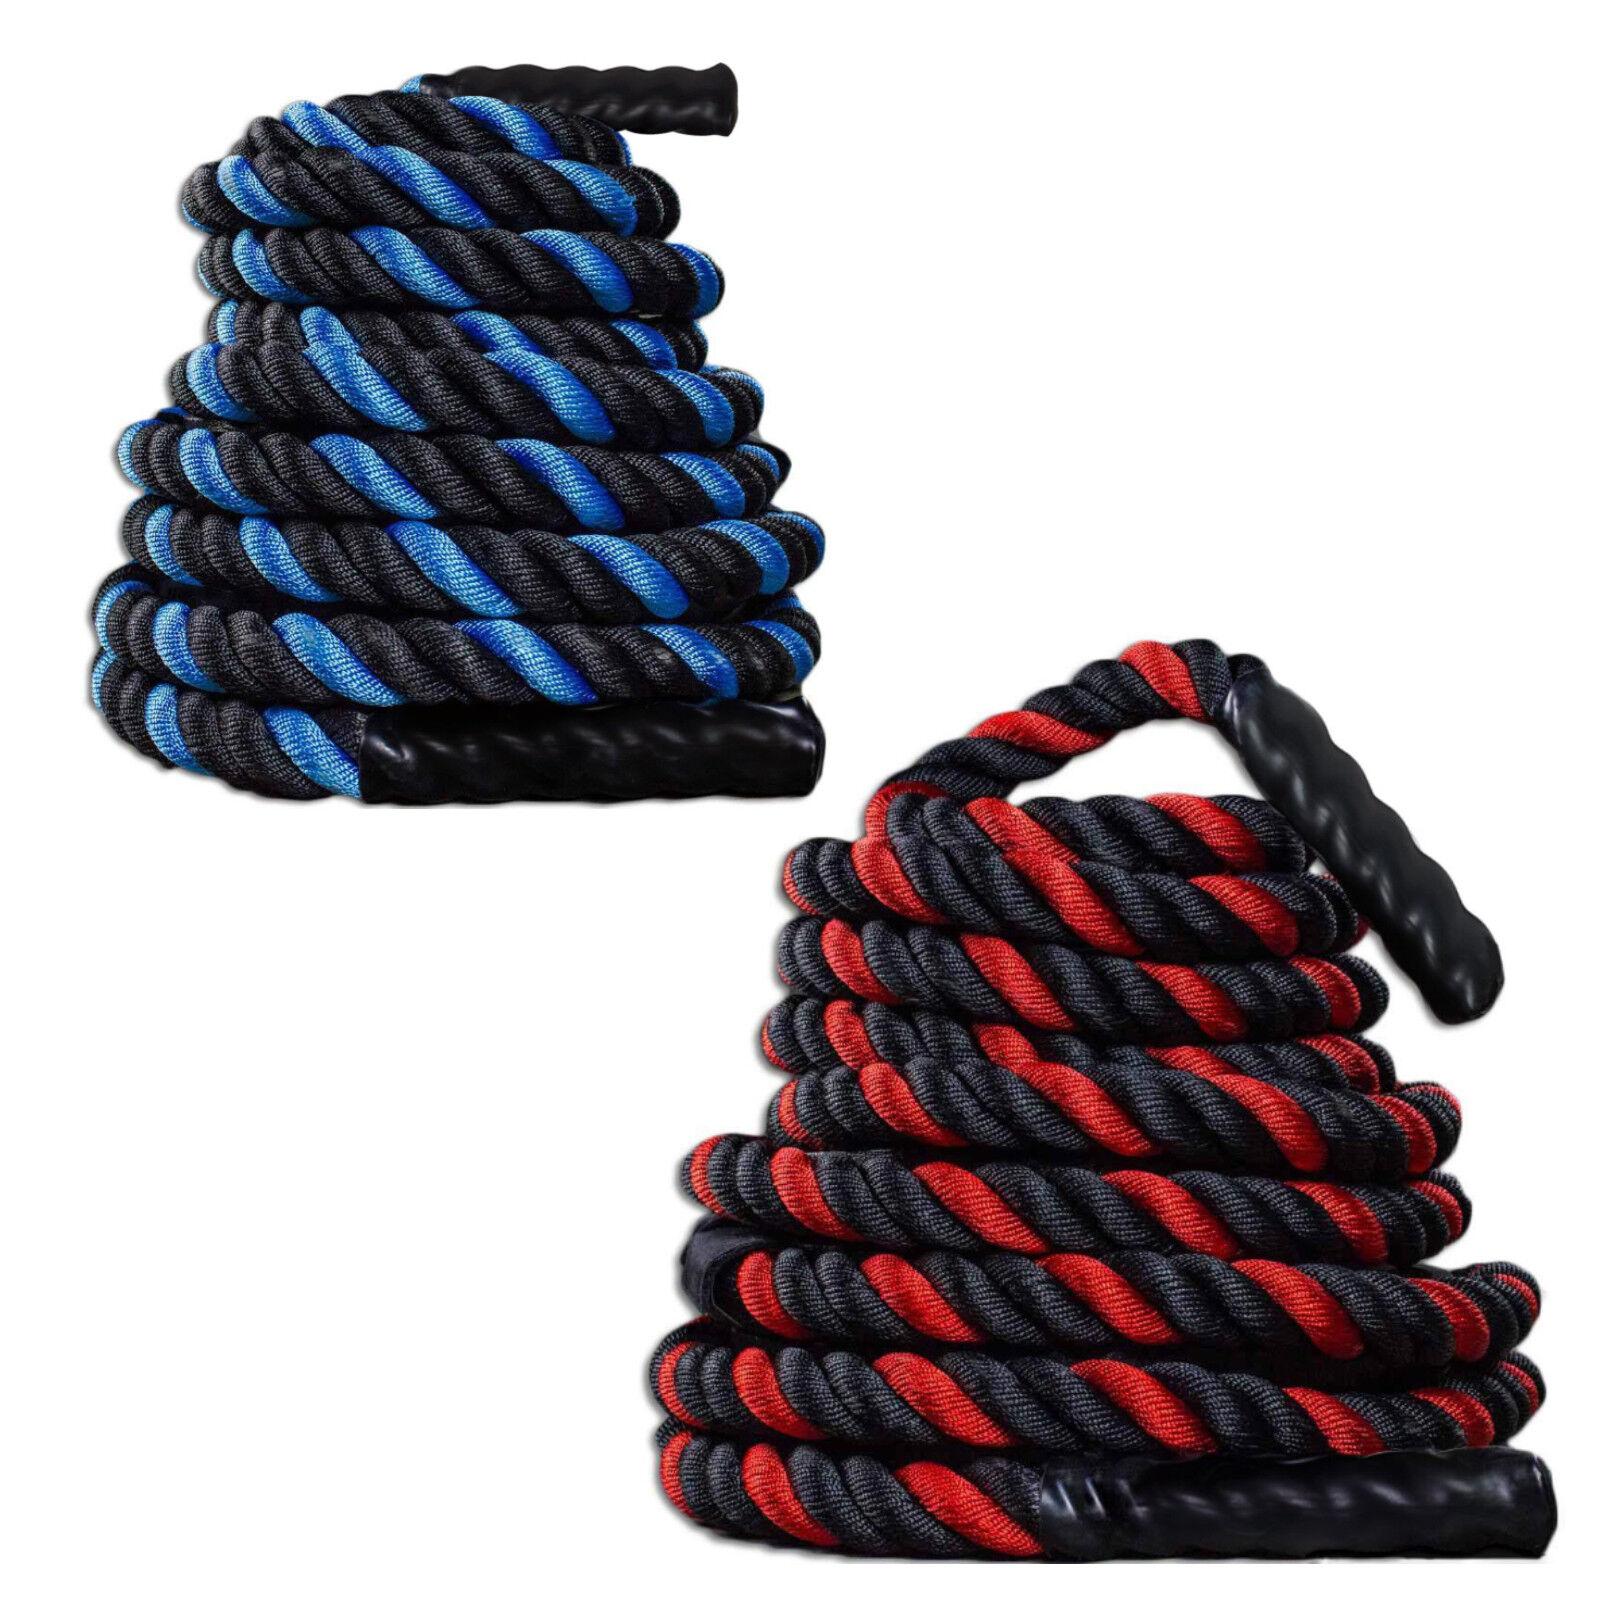 1.5 -2  30FT Poly Dacron Battle Rope Exercise Strength Training Undulation